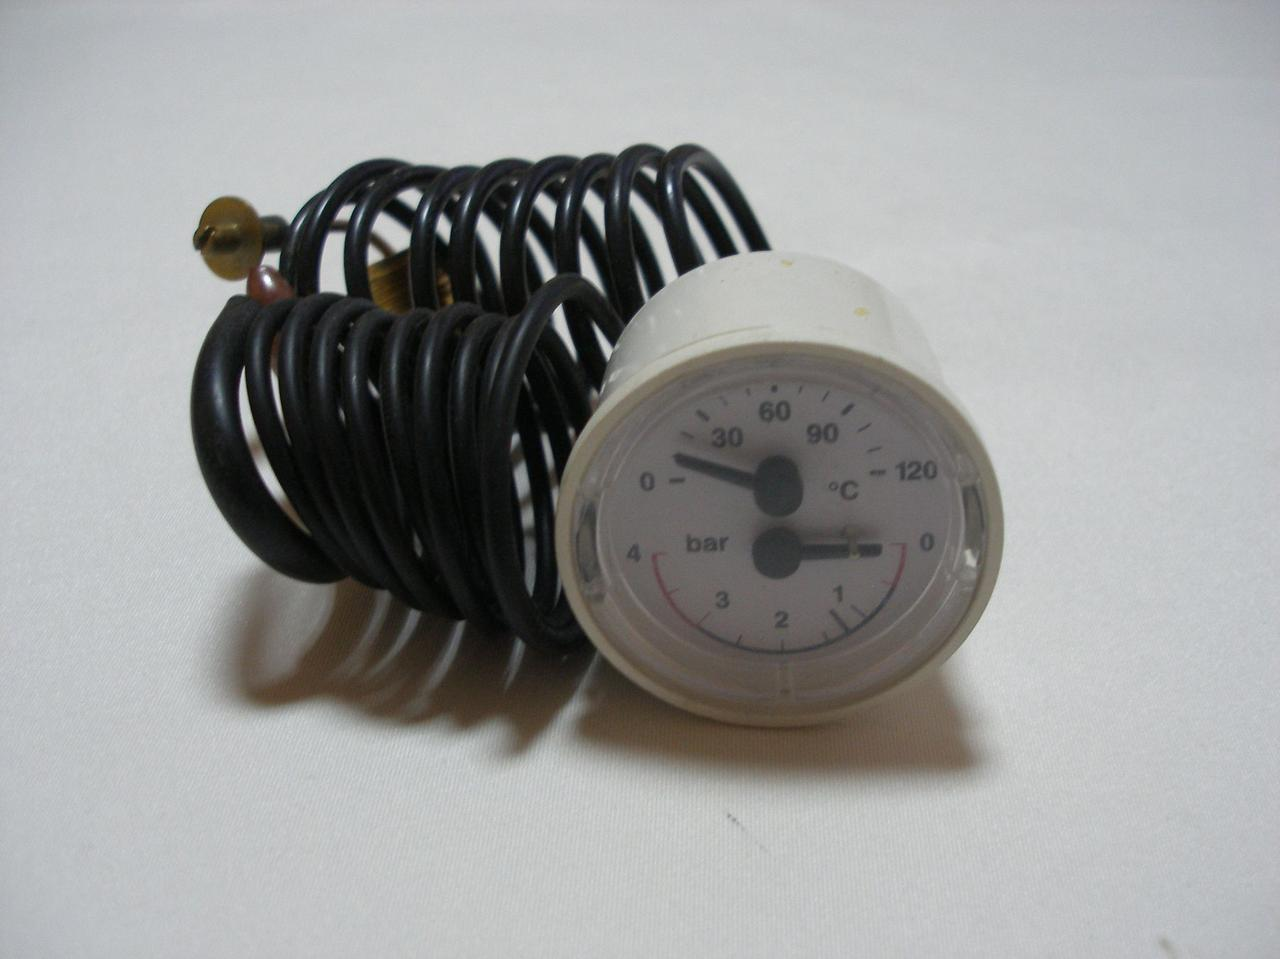 Термоманометр для газового навесного котла Immergas Nike/Eolo Star/mini 23 ( на ручках). 1.013413